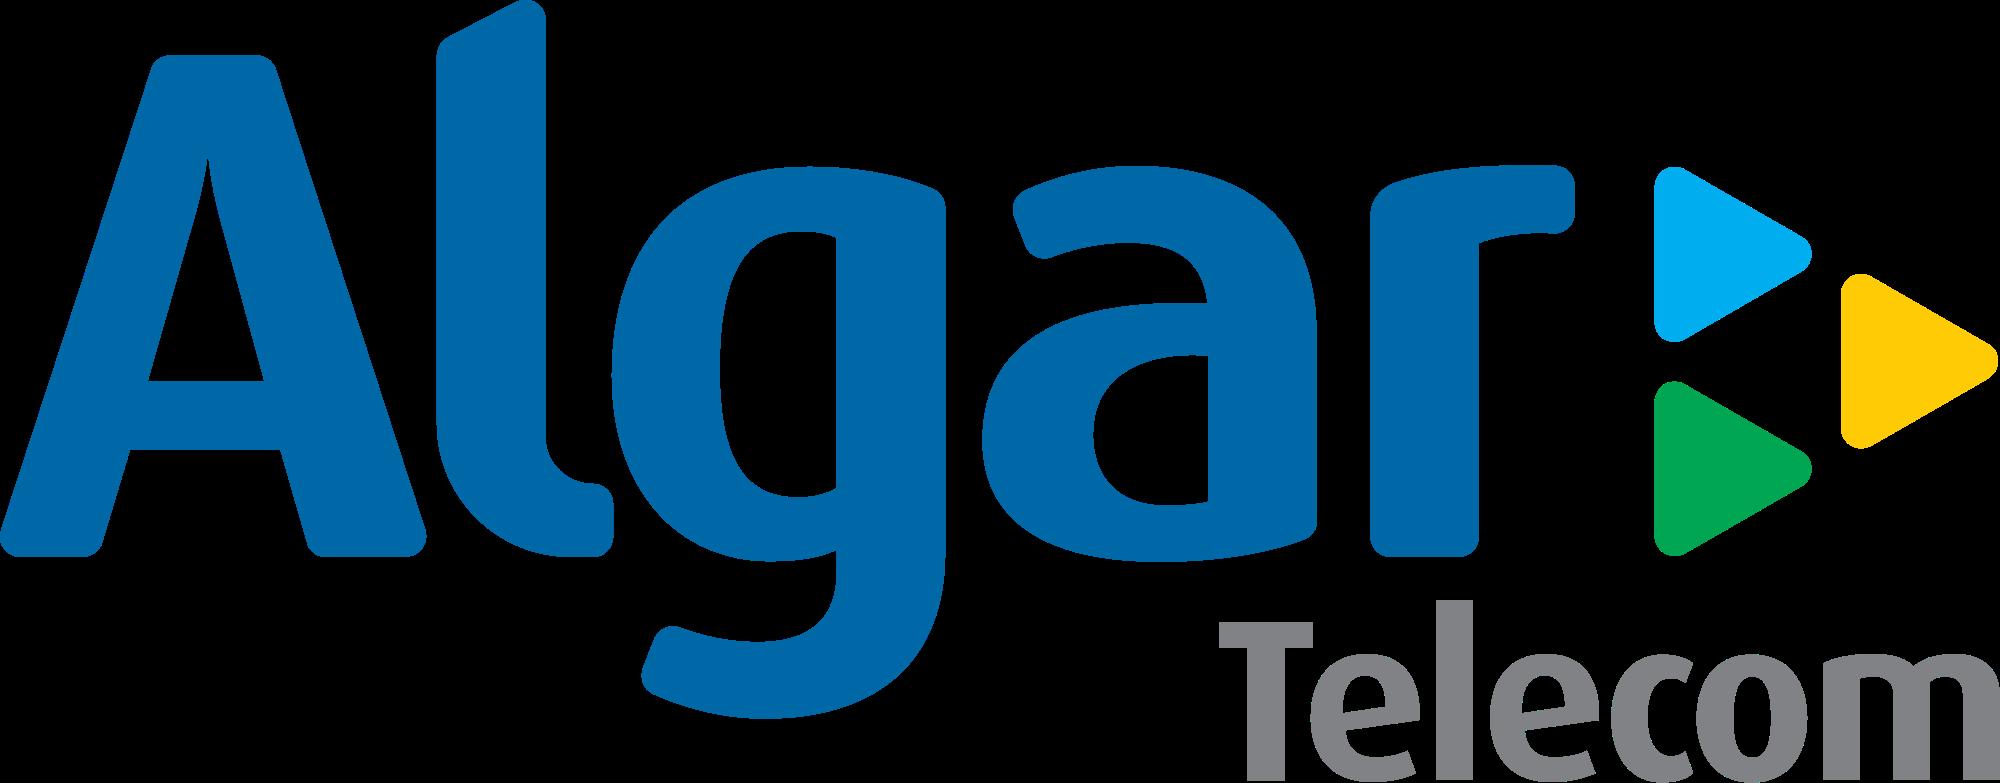 Fato relevante da Algar Telecom sobre aquisição da Smart.